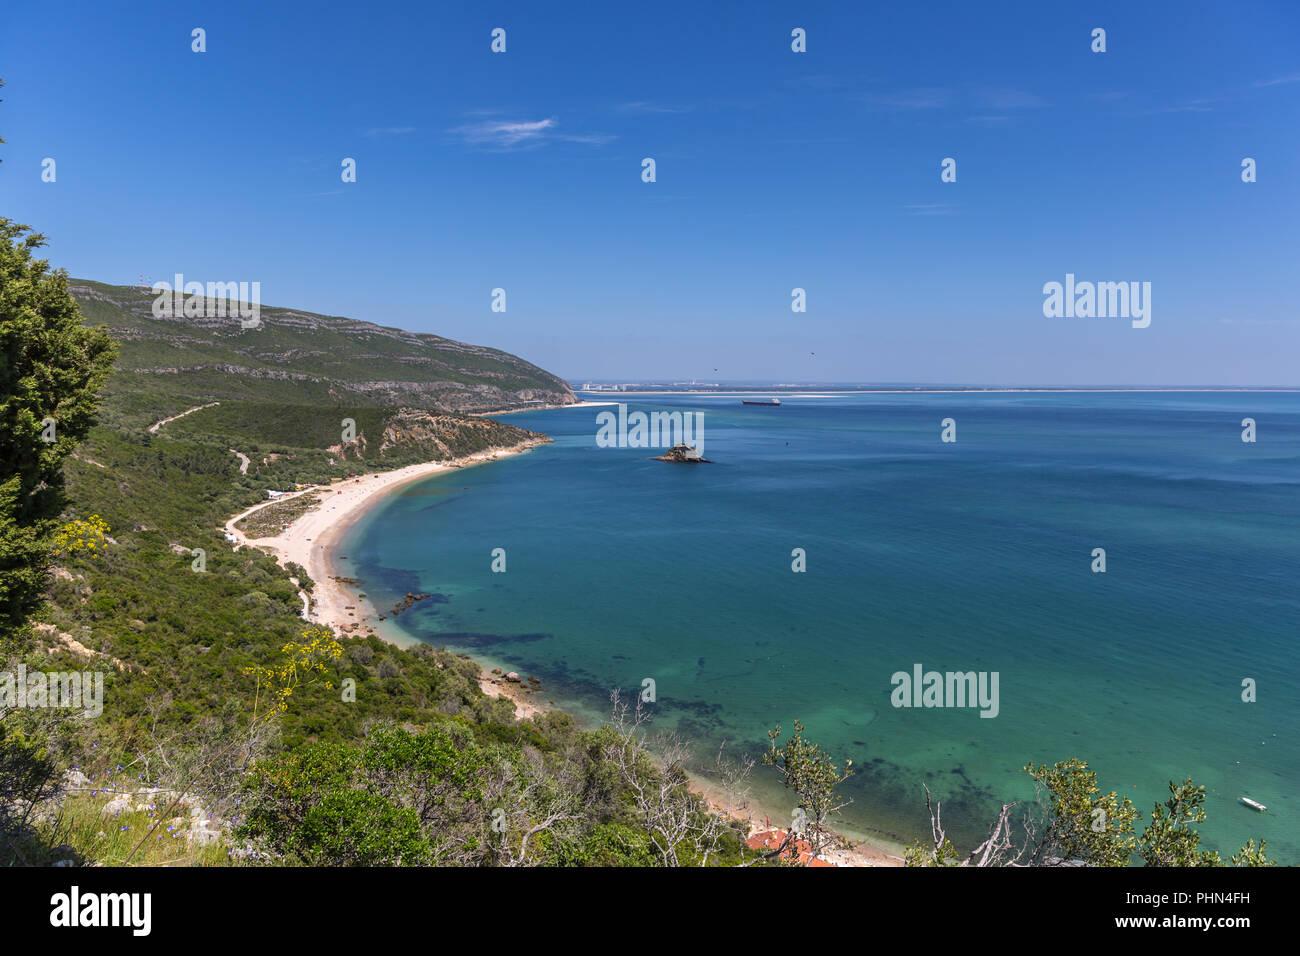 Arrabida Beach Stock Photos & Arrabida Beach Stock Images ... - photo#25